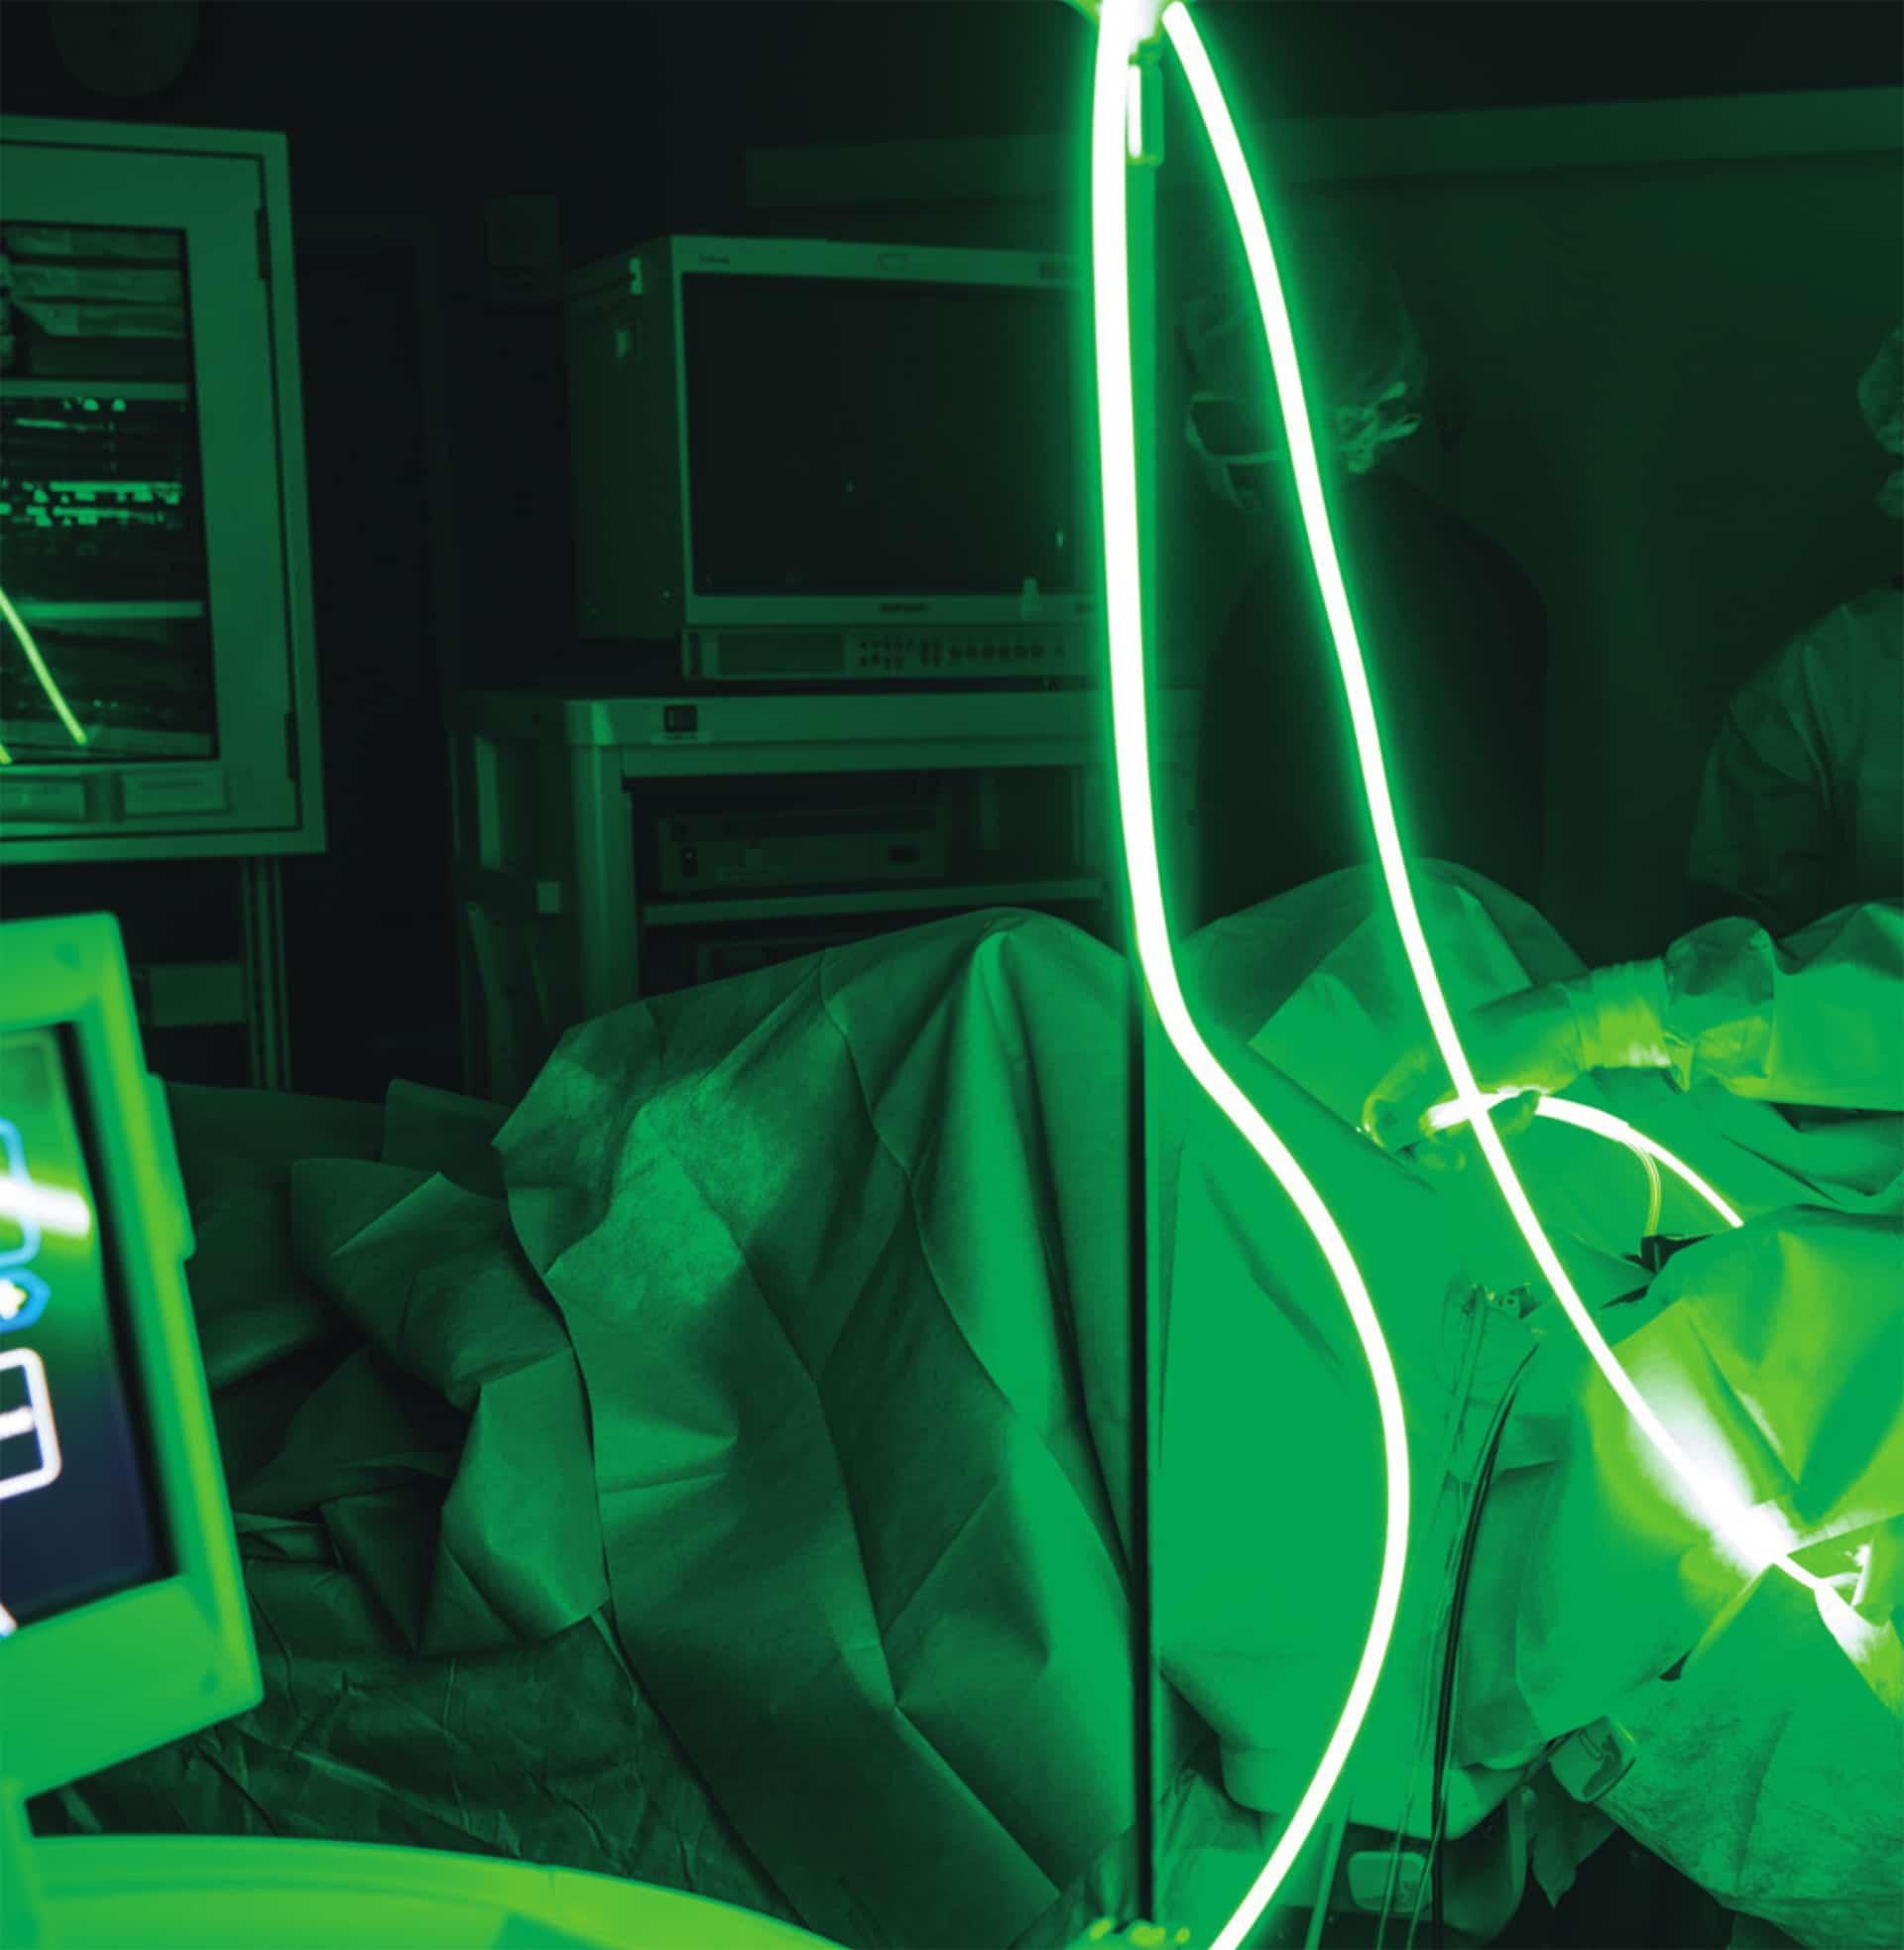 Operazione effettuata con Laser Green light